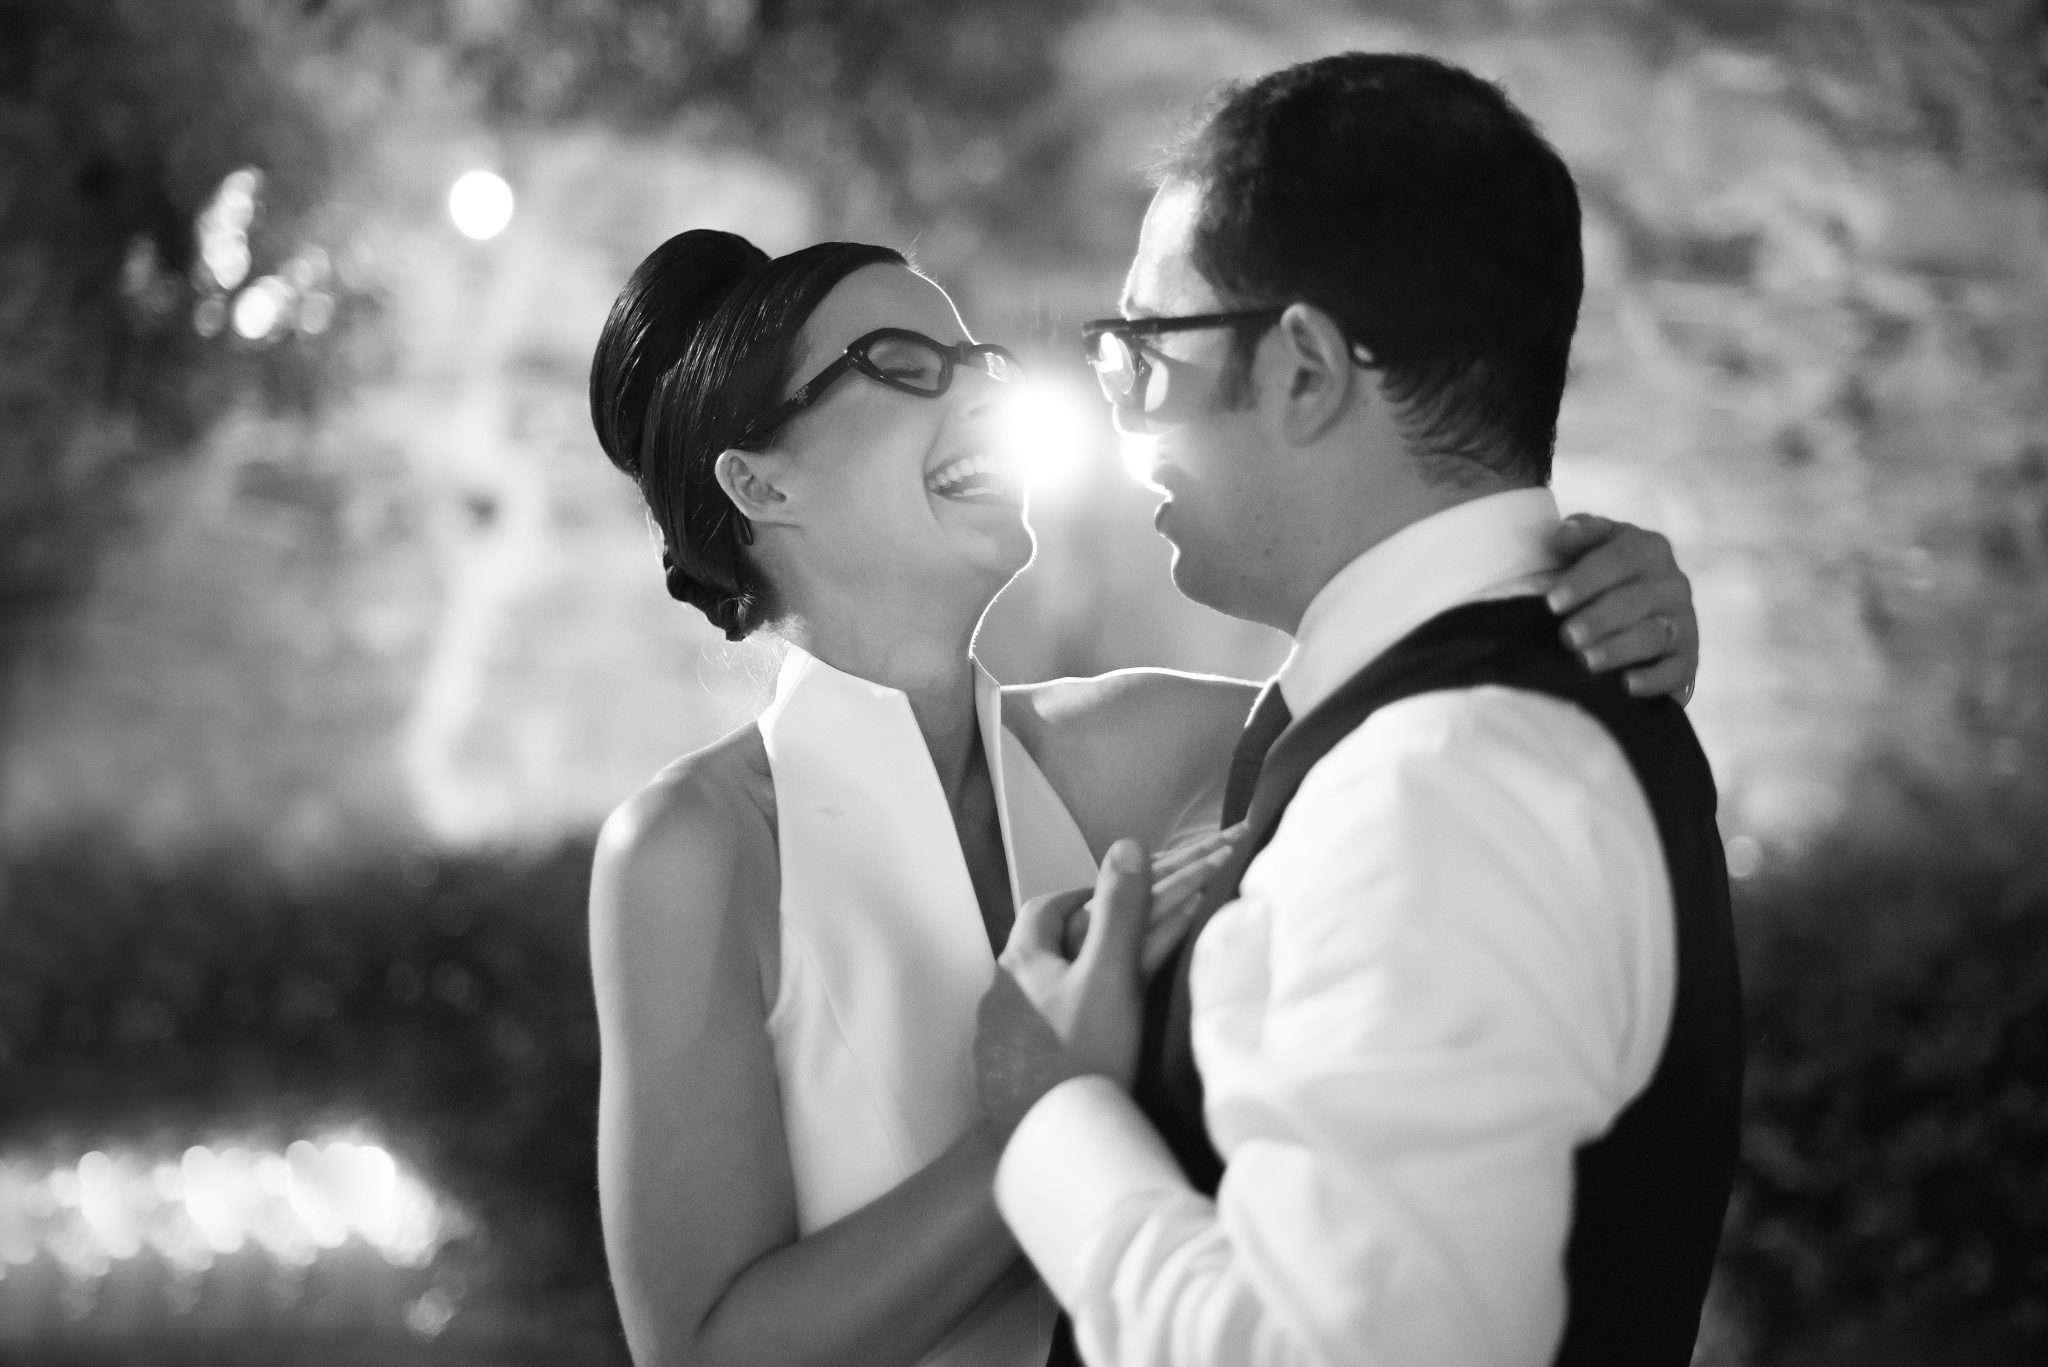 Fotografia sposi felici in bianco e nero realizzata da Barbara Trincone fotografa con studio a Pozzuoli Napoli, specializzata in wedding reportage